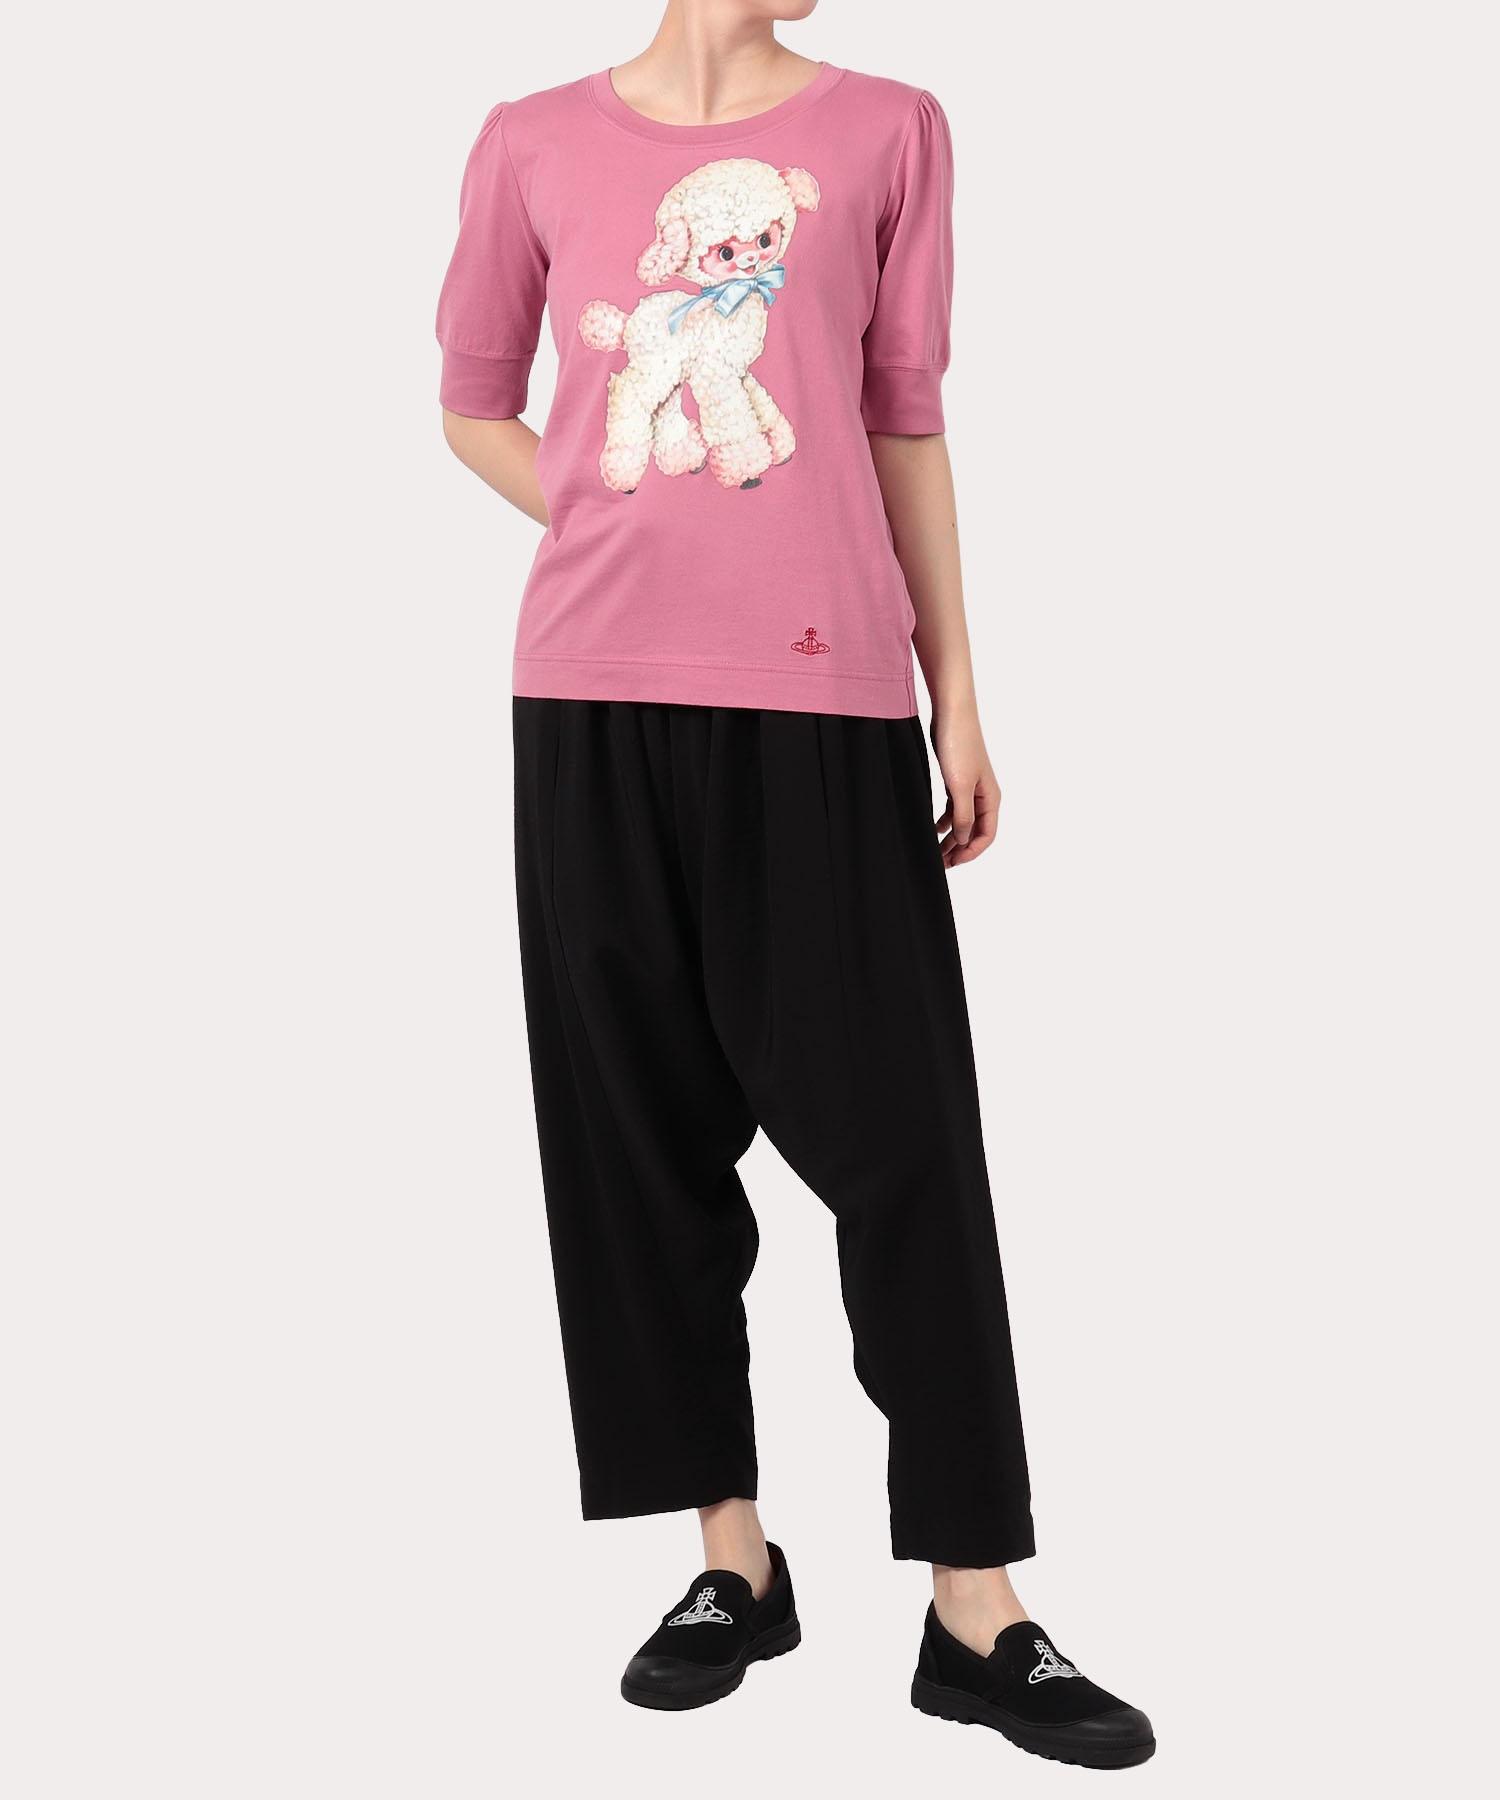 オンラインショップ限定カラー コットンラム 半袖Tシャツ